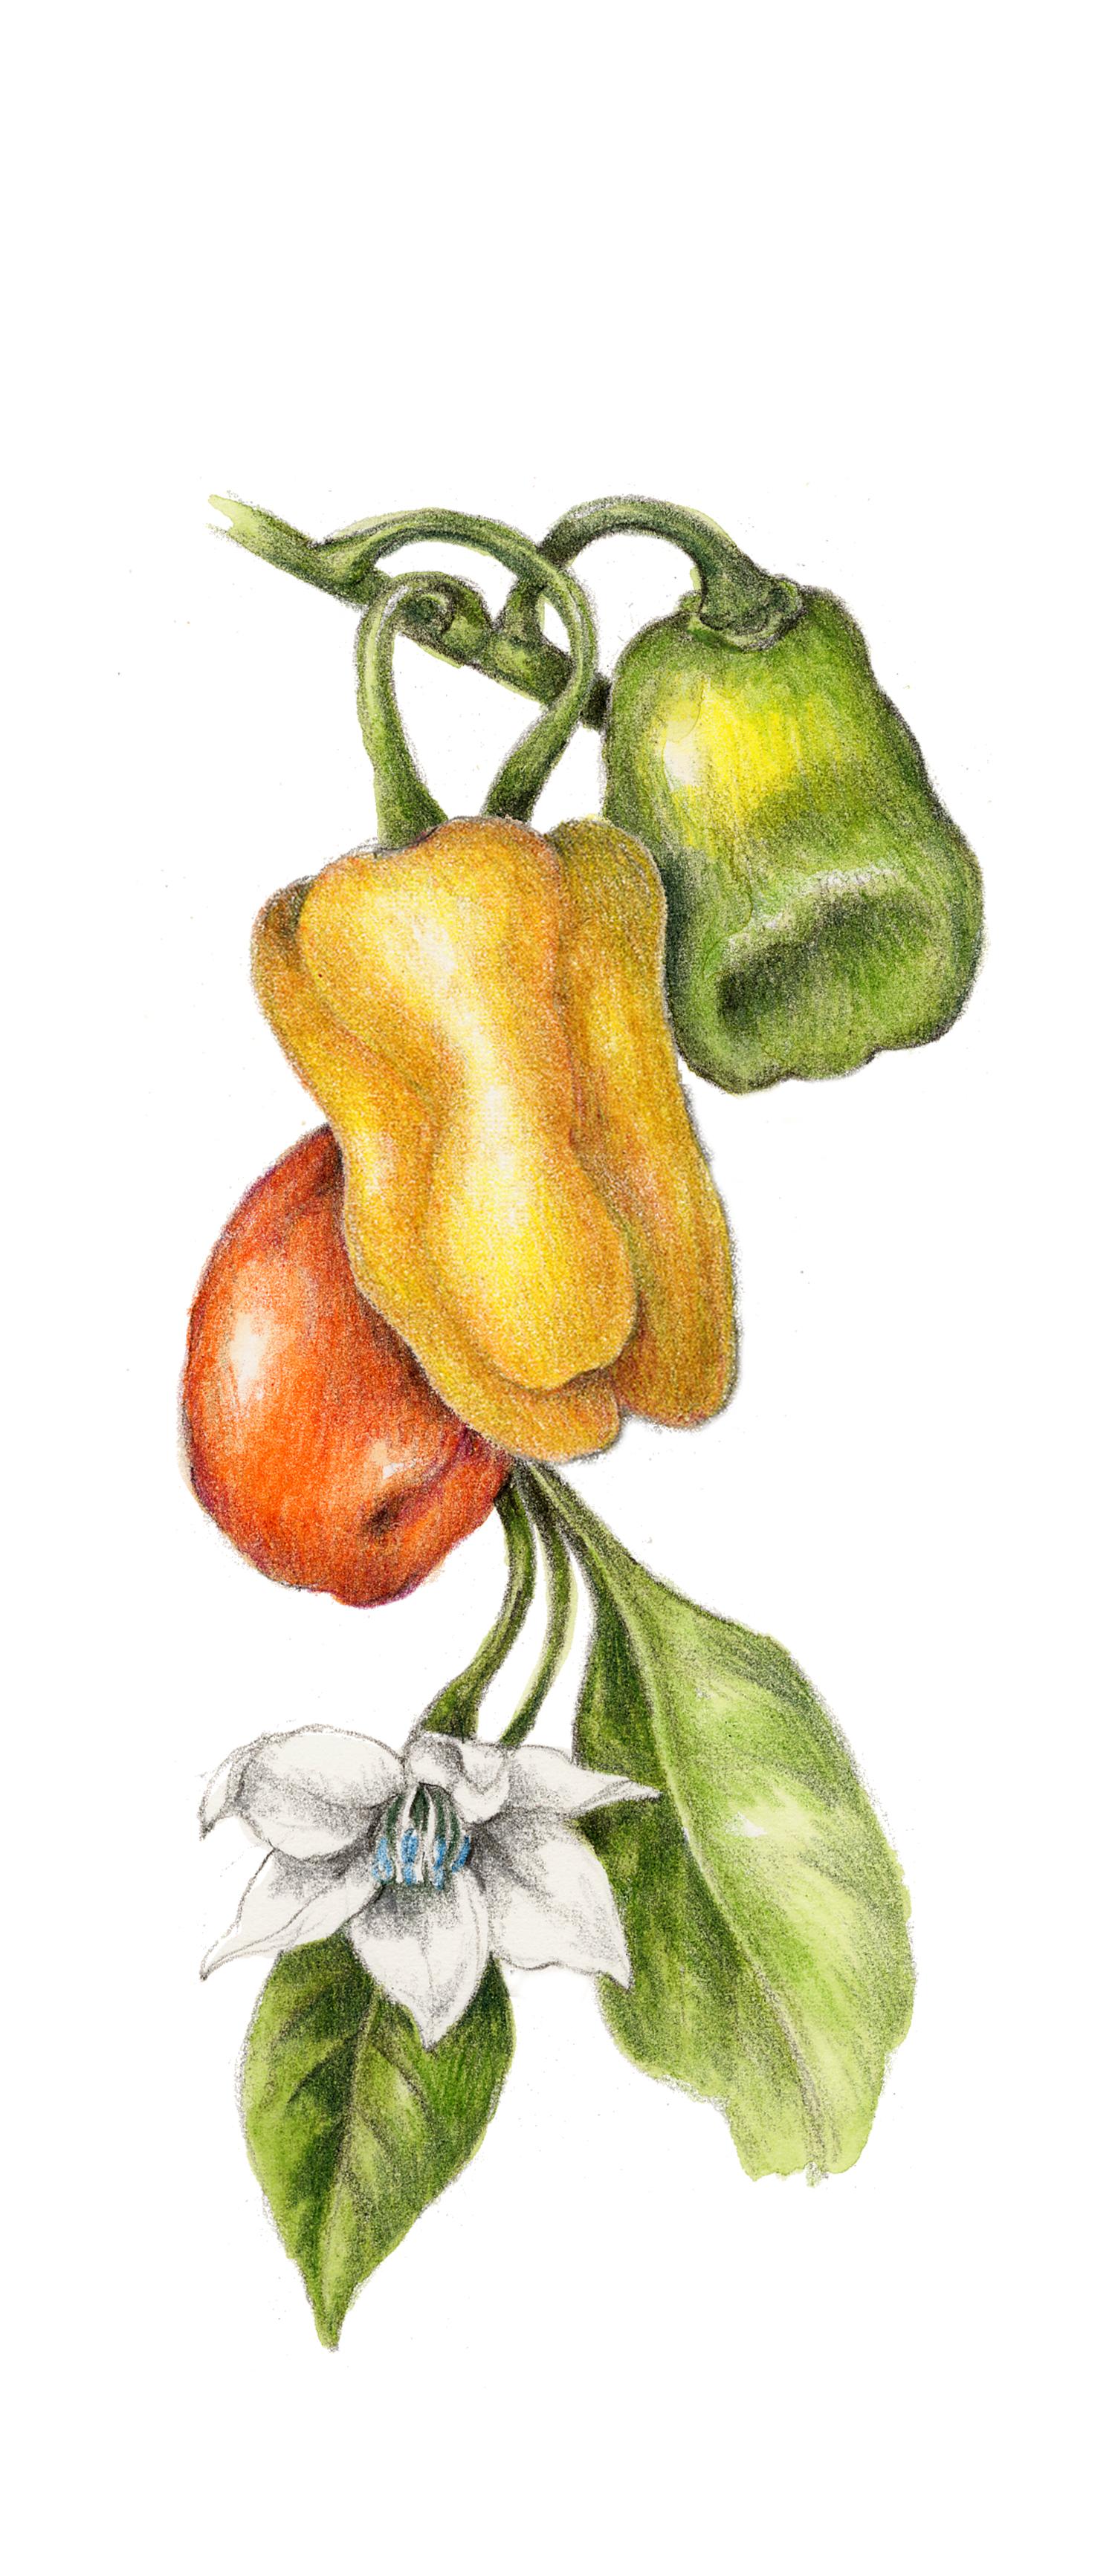 Habanero Pepper - Capsicum chinense